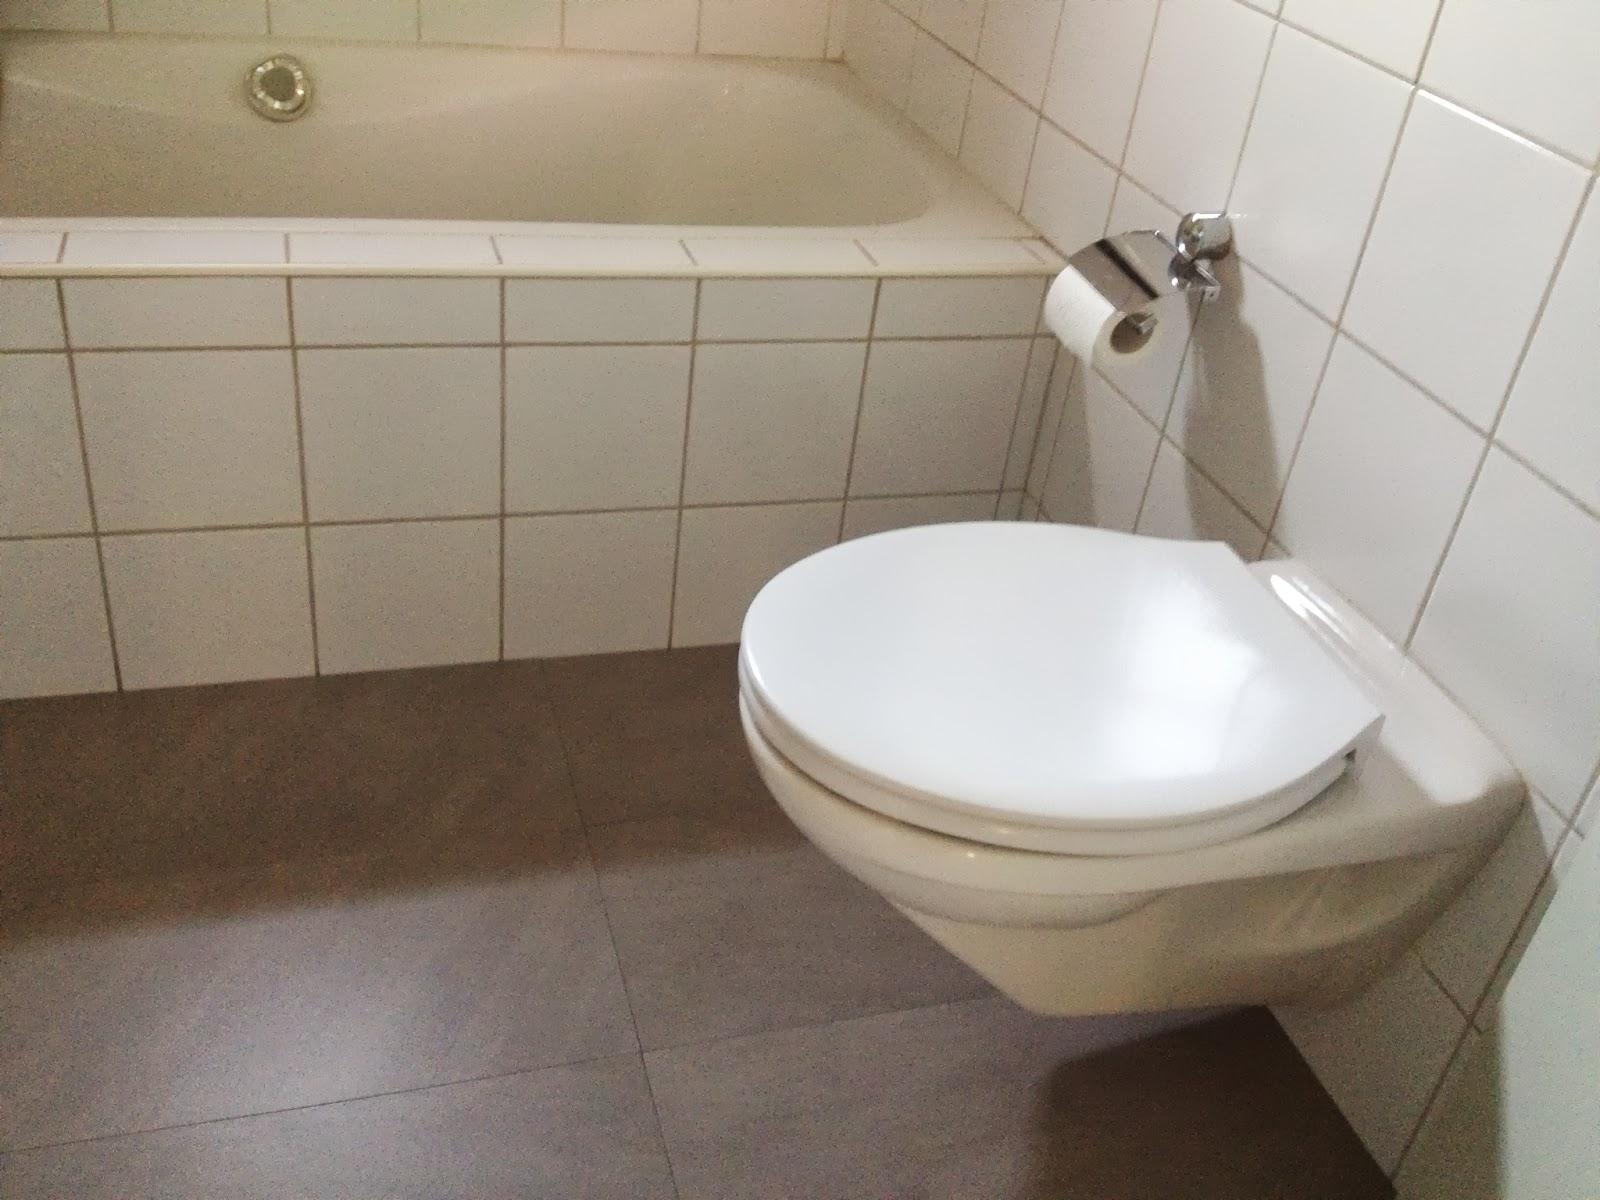 Alternativa piastrelle cucina quando mancano le piastrelle del pavimento with alternativa - Alternativa piastrelle cucina ...